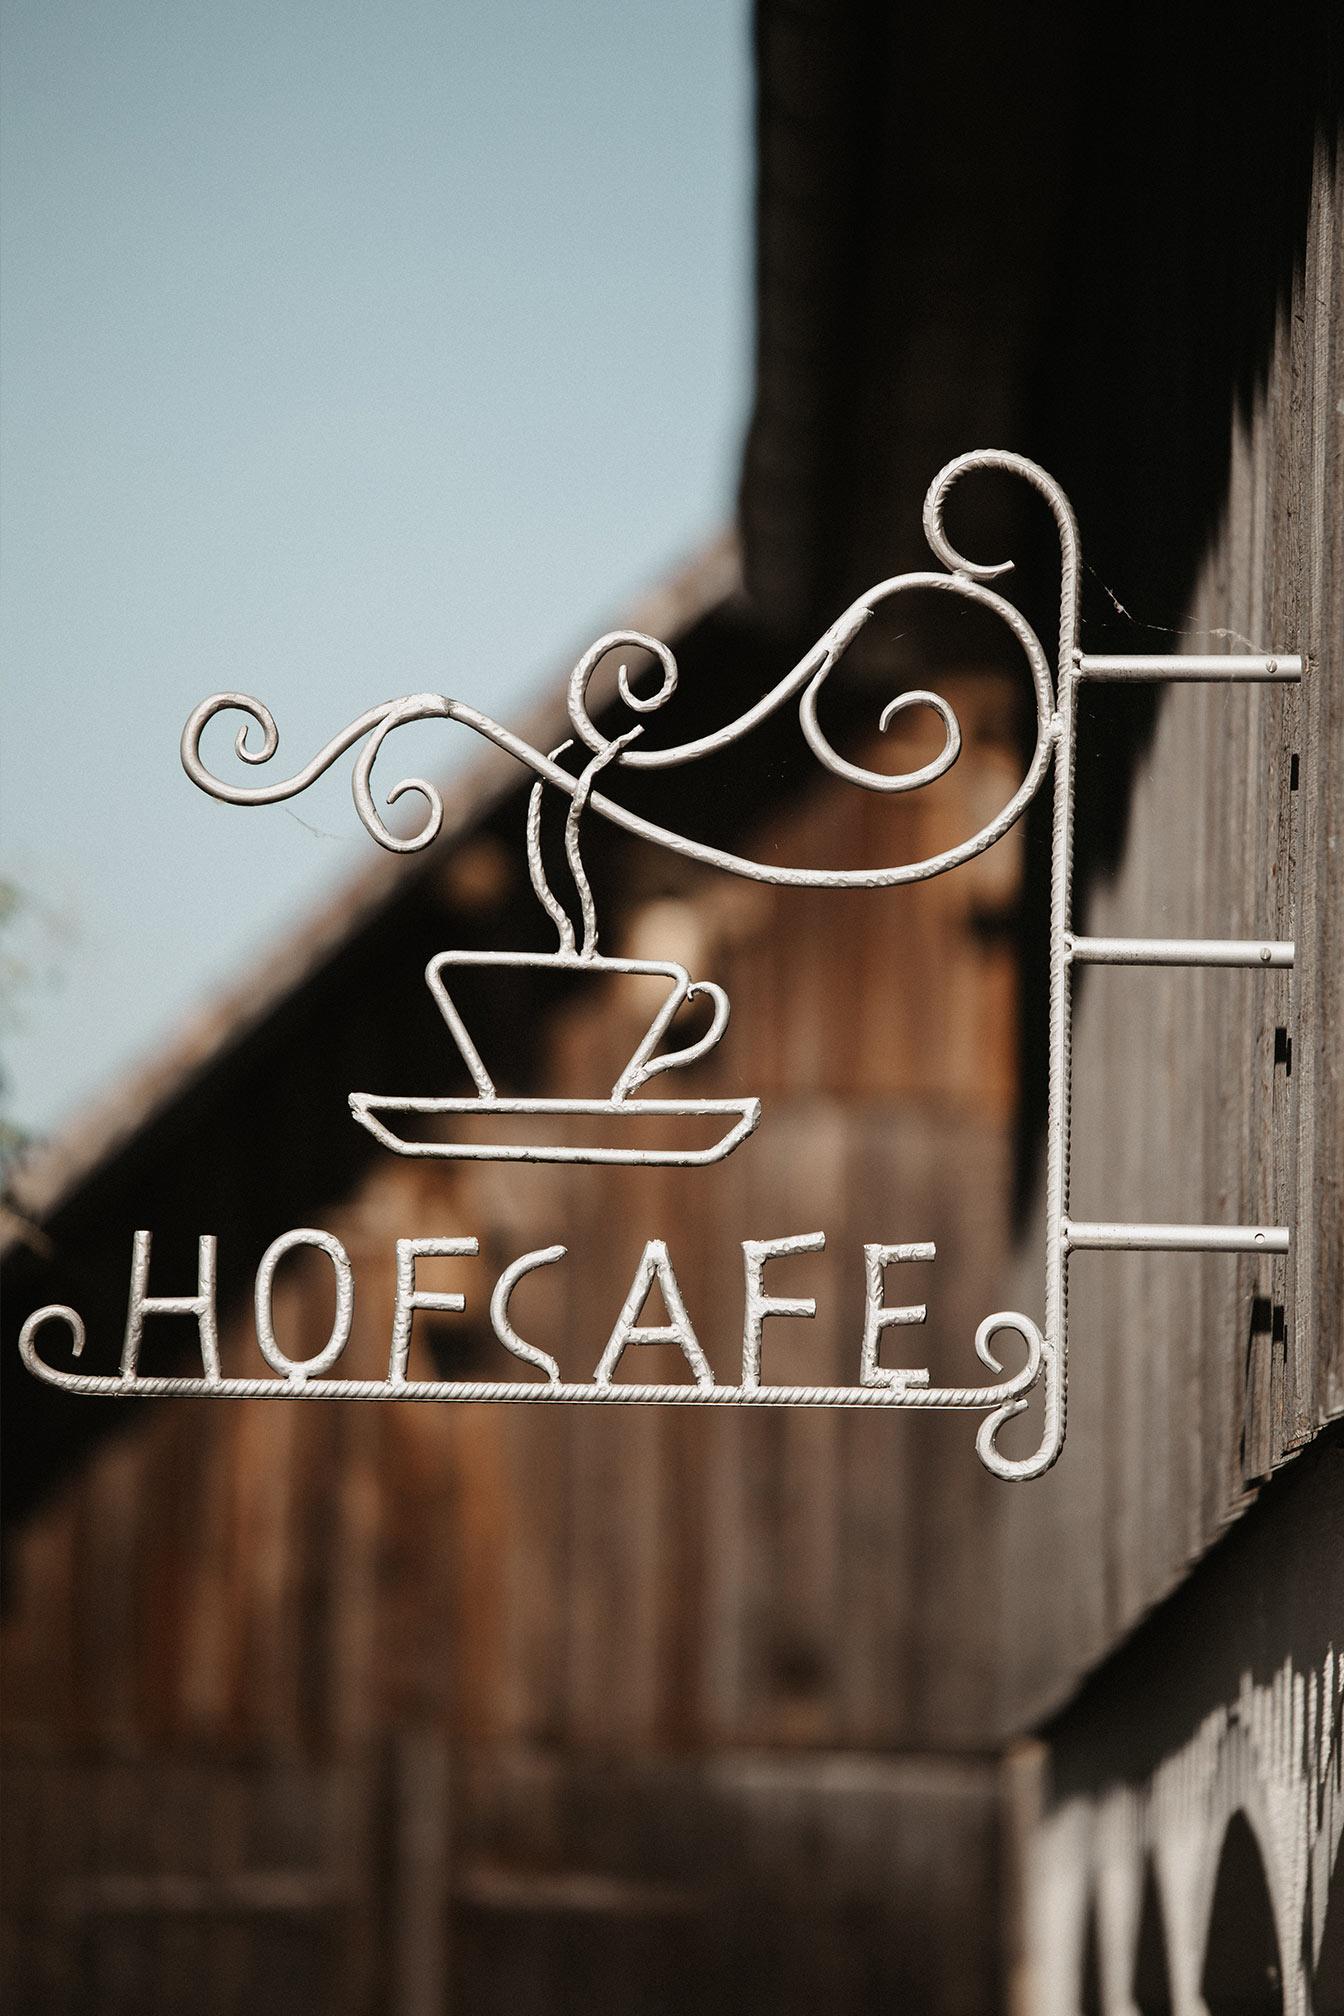 Hofcafé Lauben